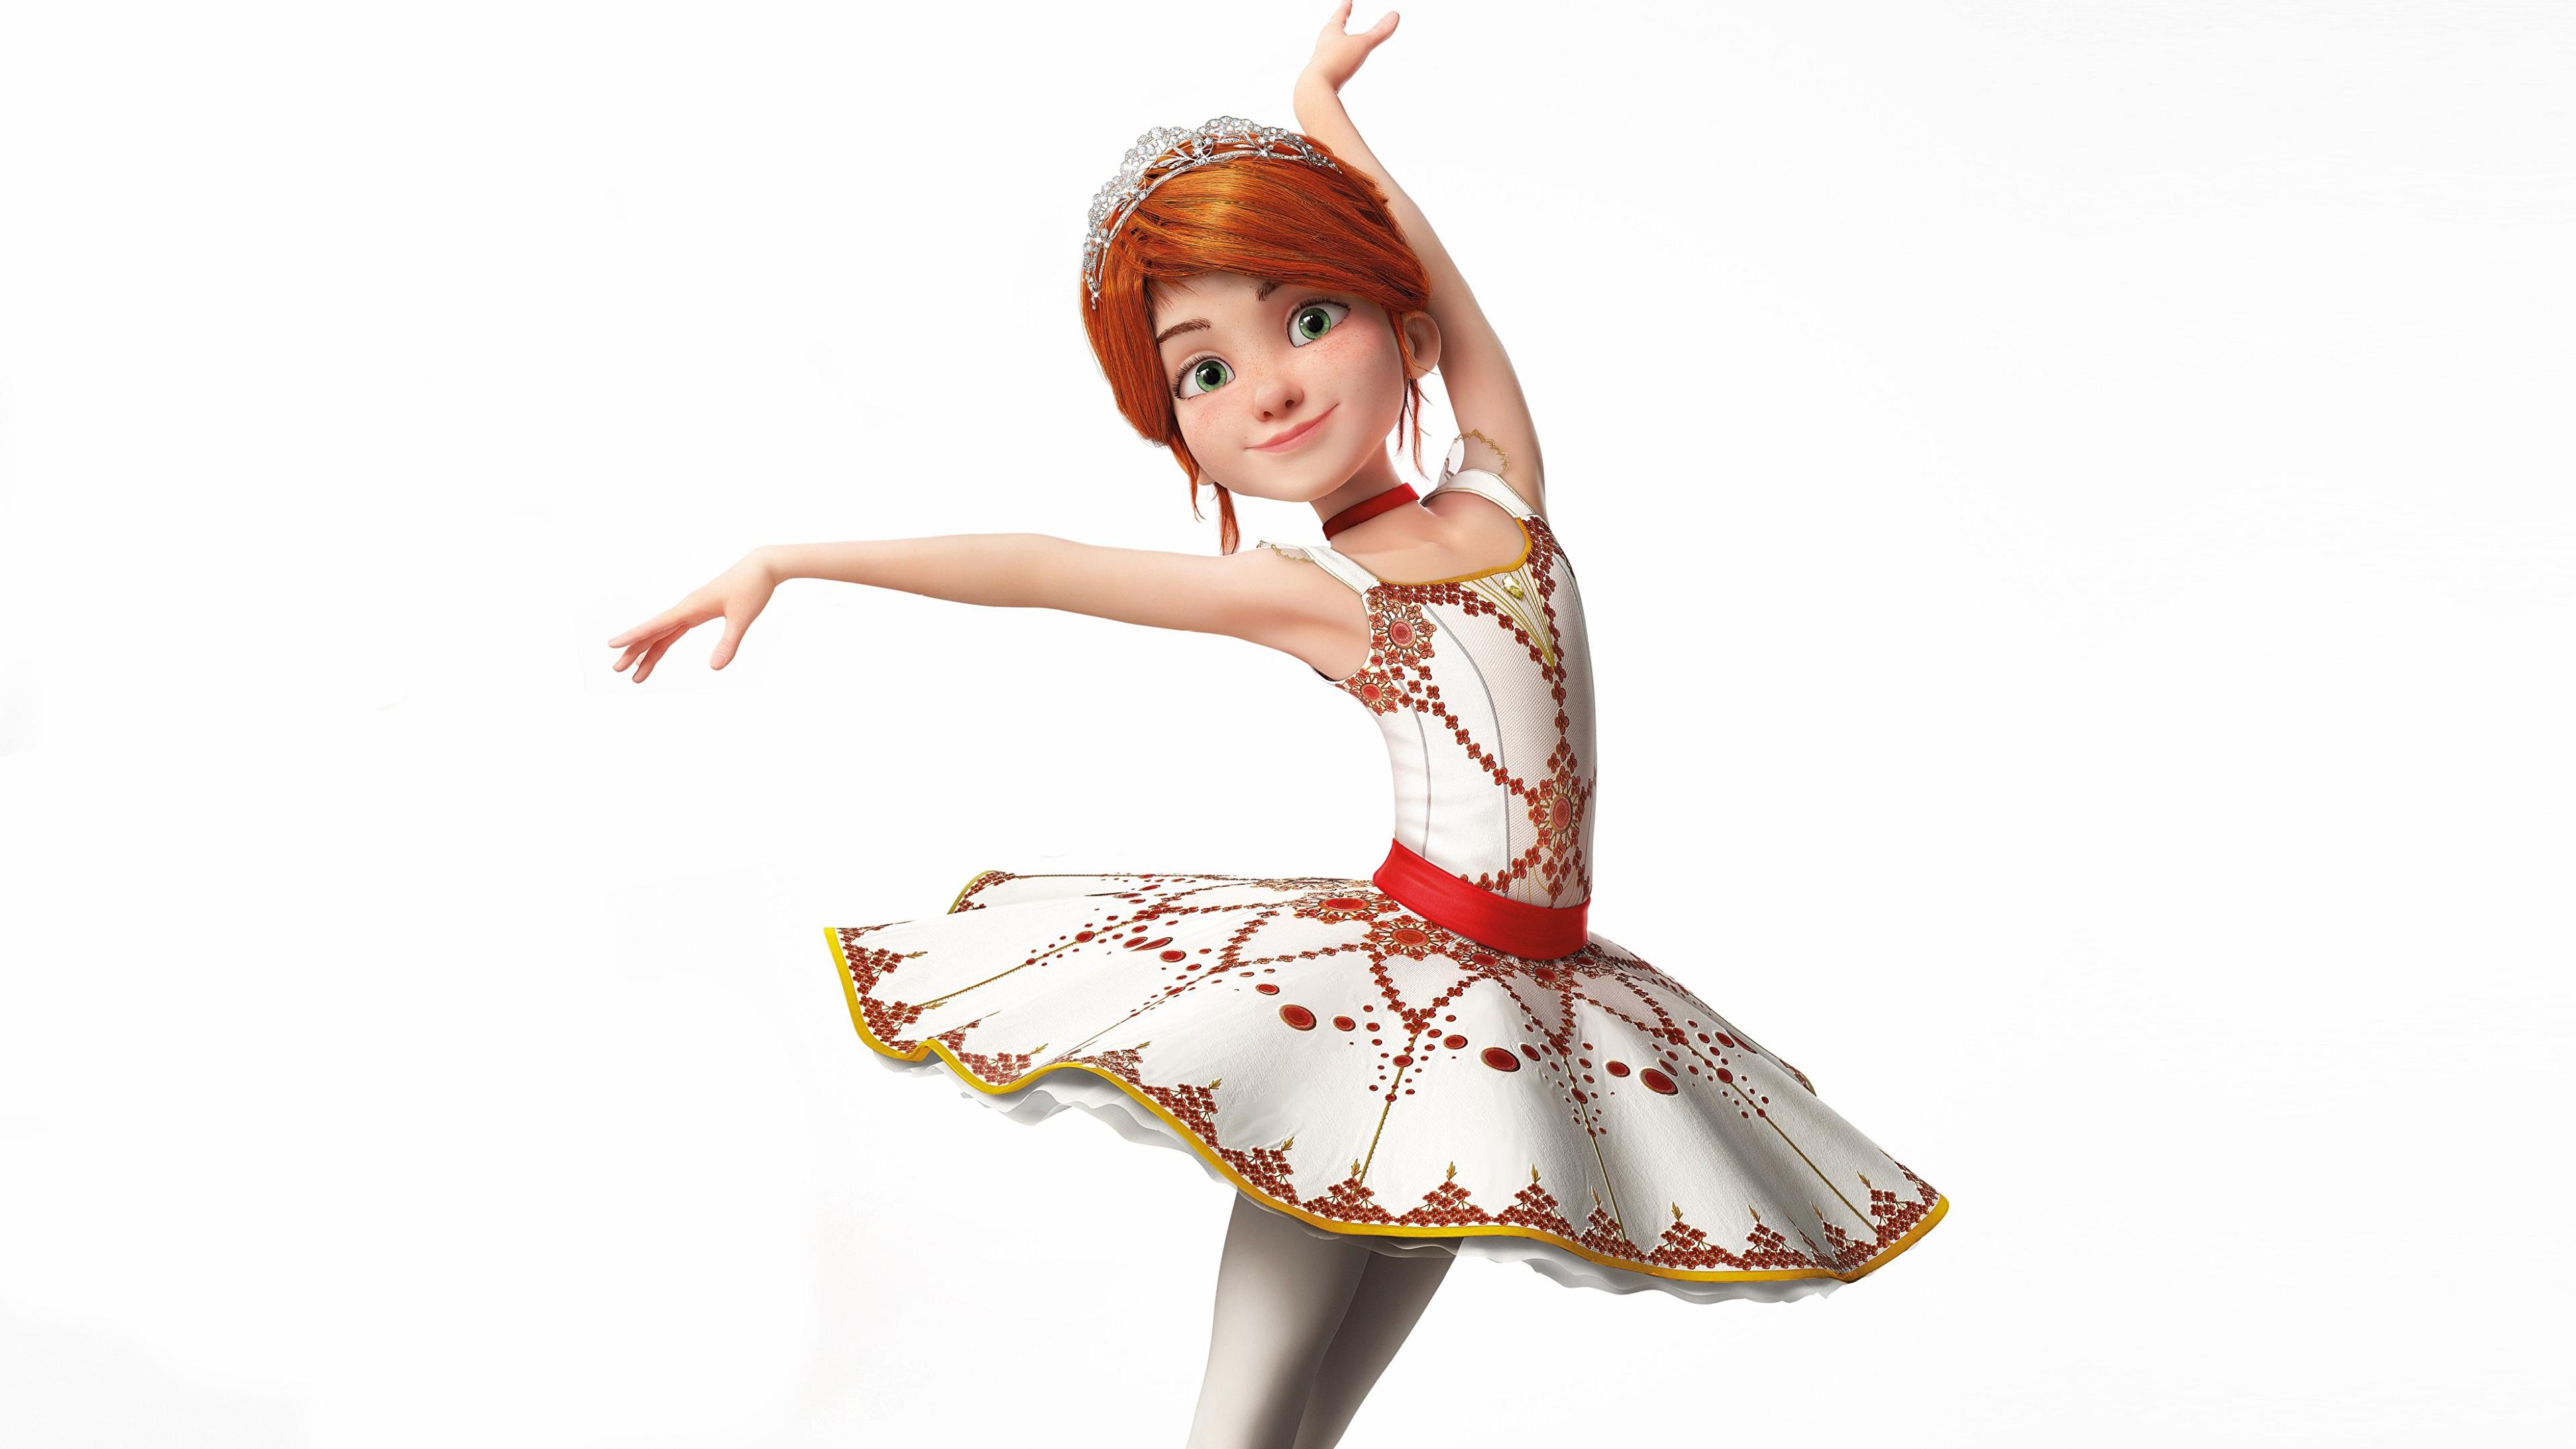 Фото Рыжая балета Balerina (Felis) позирует девушка Мультики 3D Графика Белый фон Платье 3840x2160 рыжие рыжих Балет балете Поза 3д мультик Девушки Мультфильмы молодая женщина молодые женщины белом фоне белым фоном платья